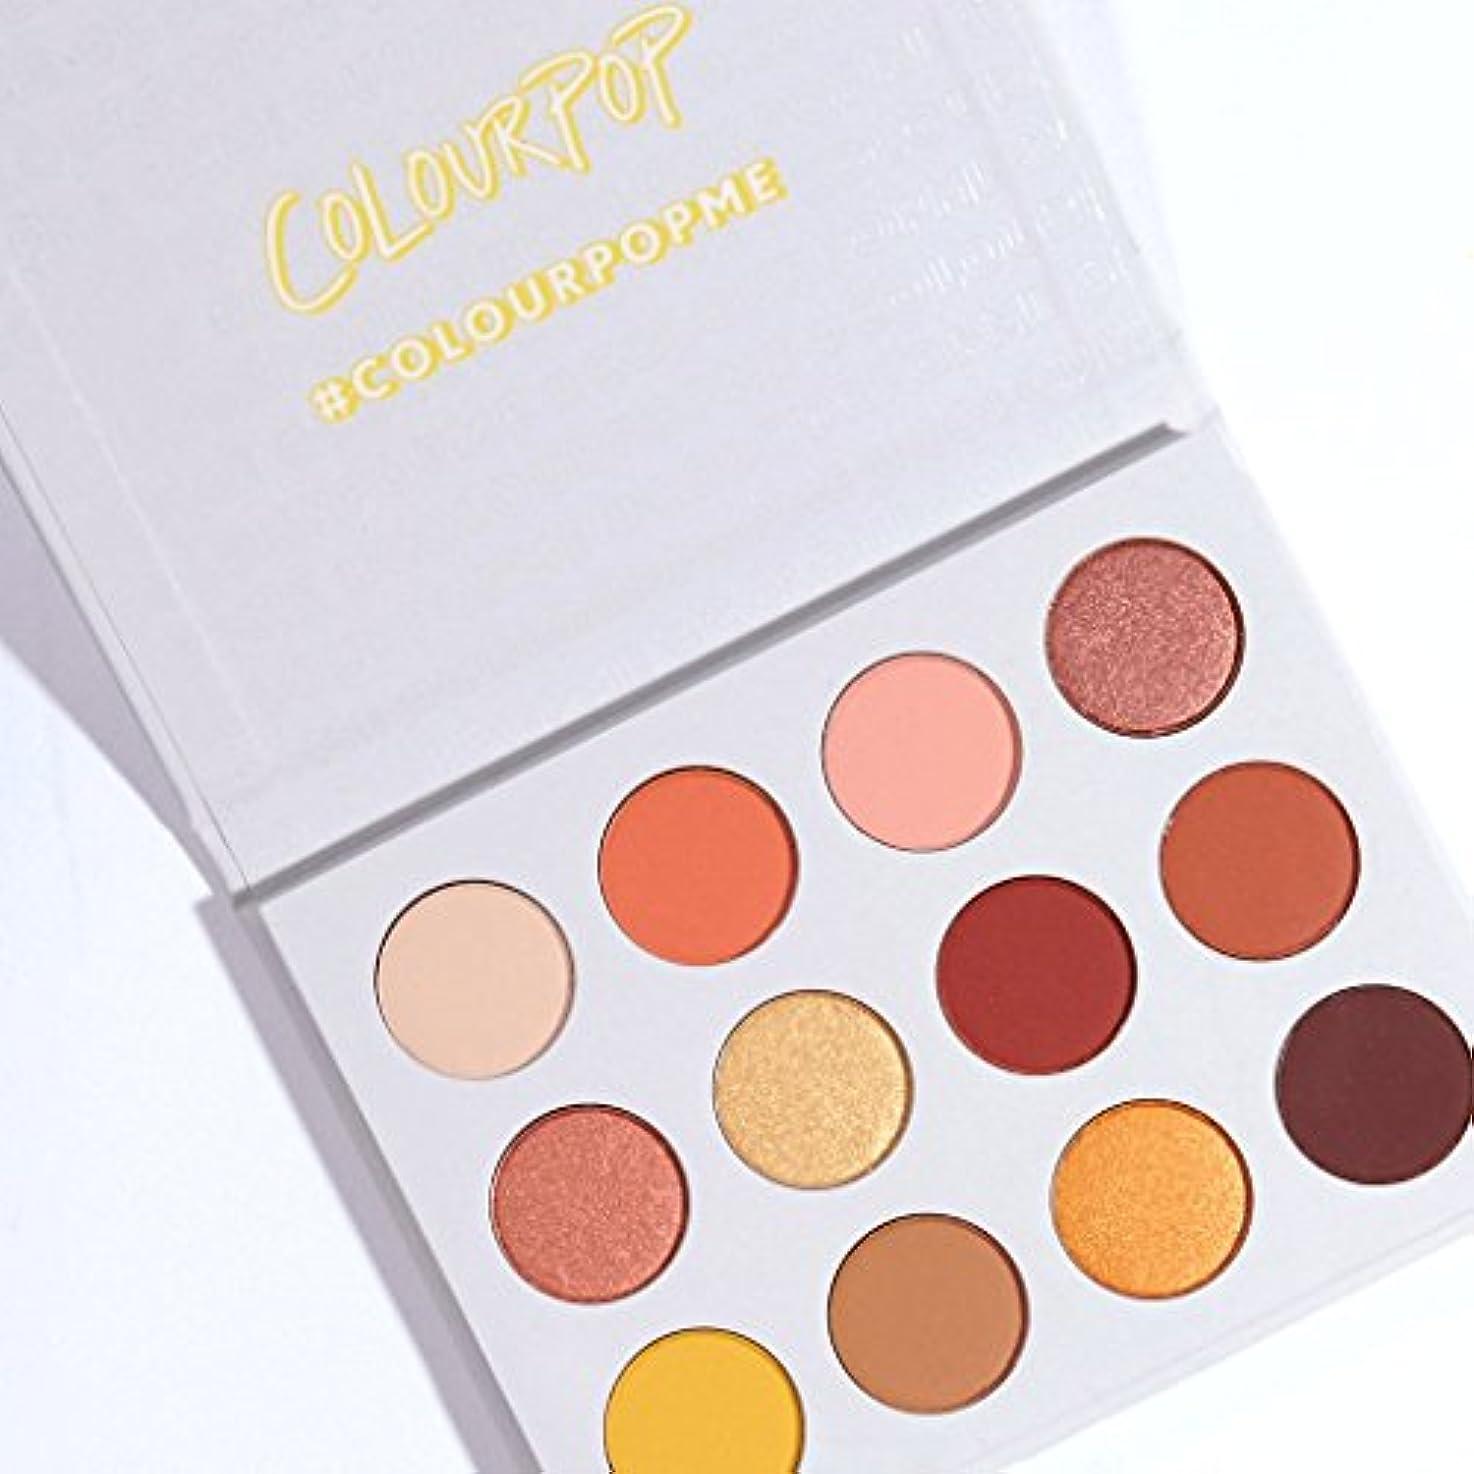 ウェーハ最近田舎ColourPop - Pressed Powder Shadow Palette - Yes, Please!